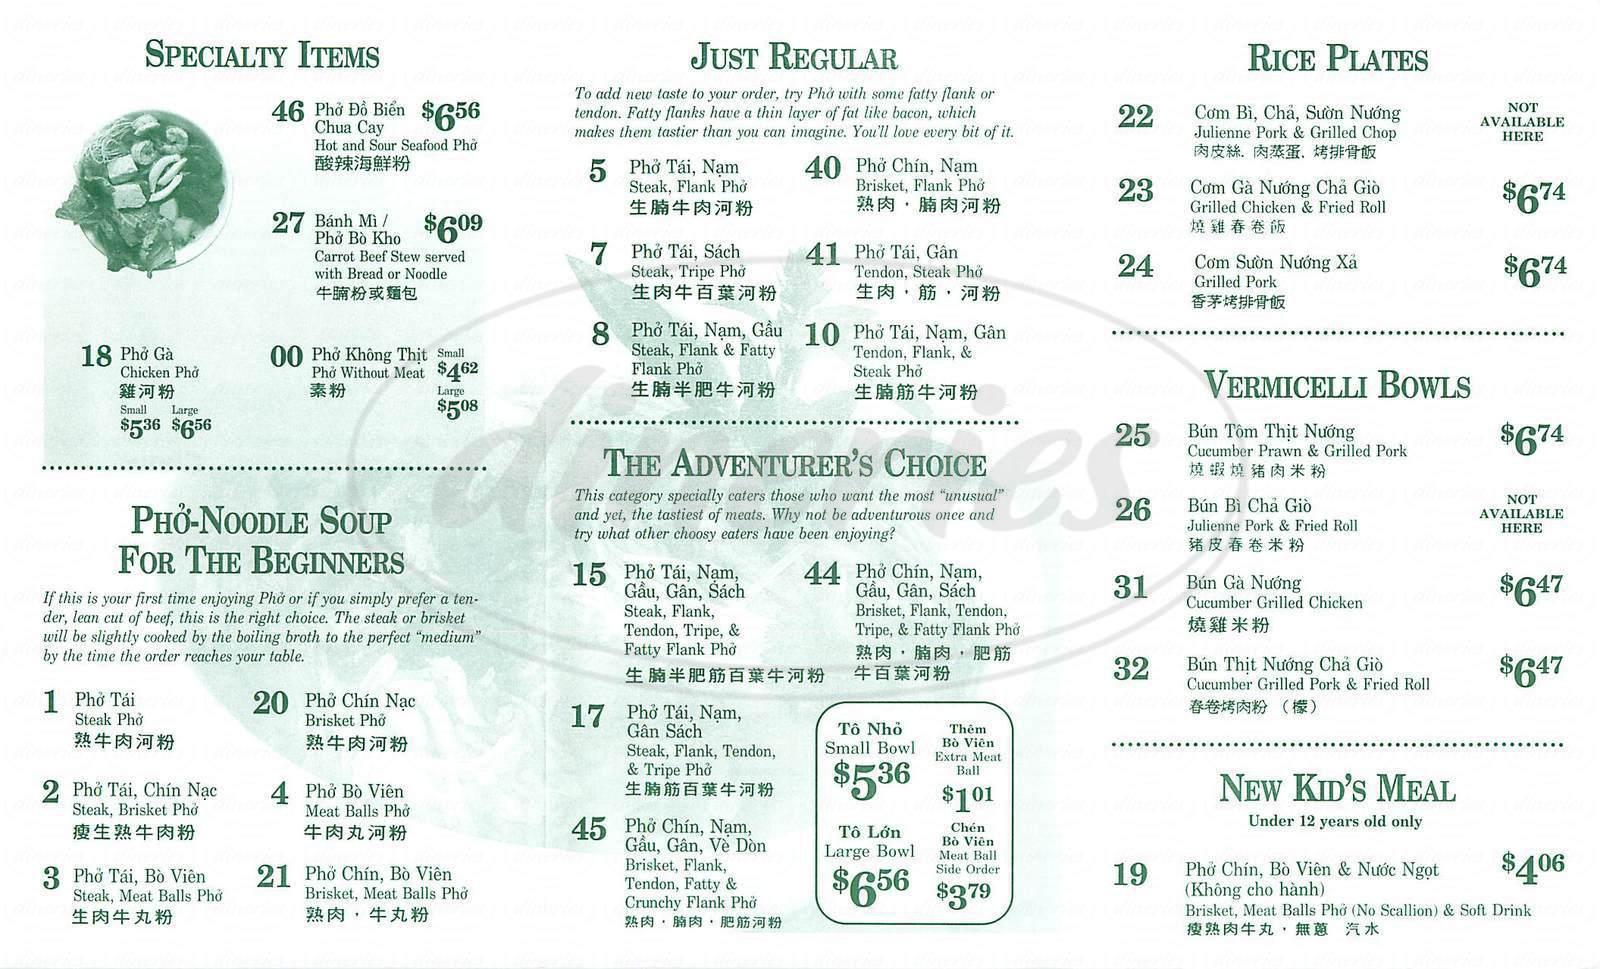 menu for Pho Hoa